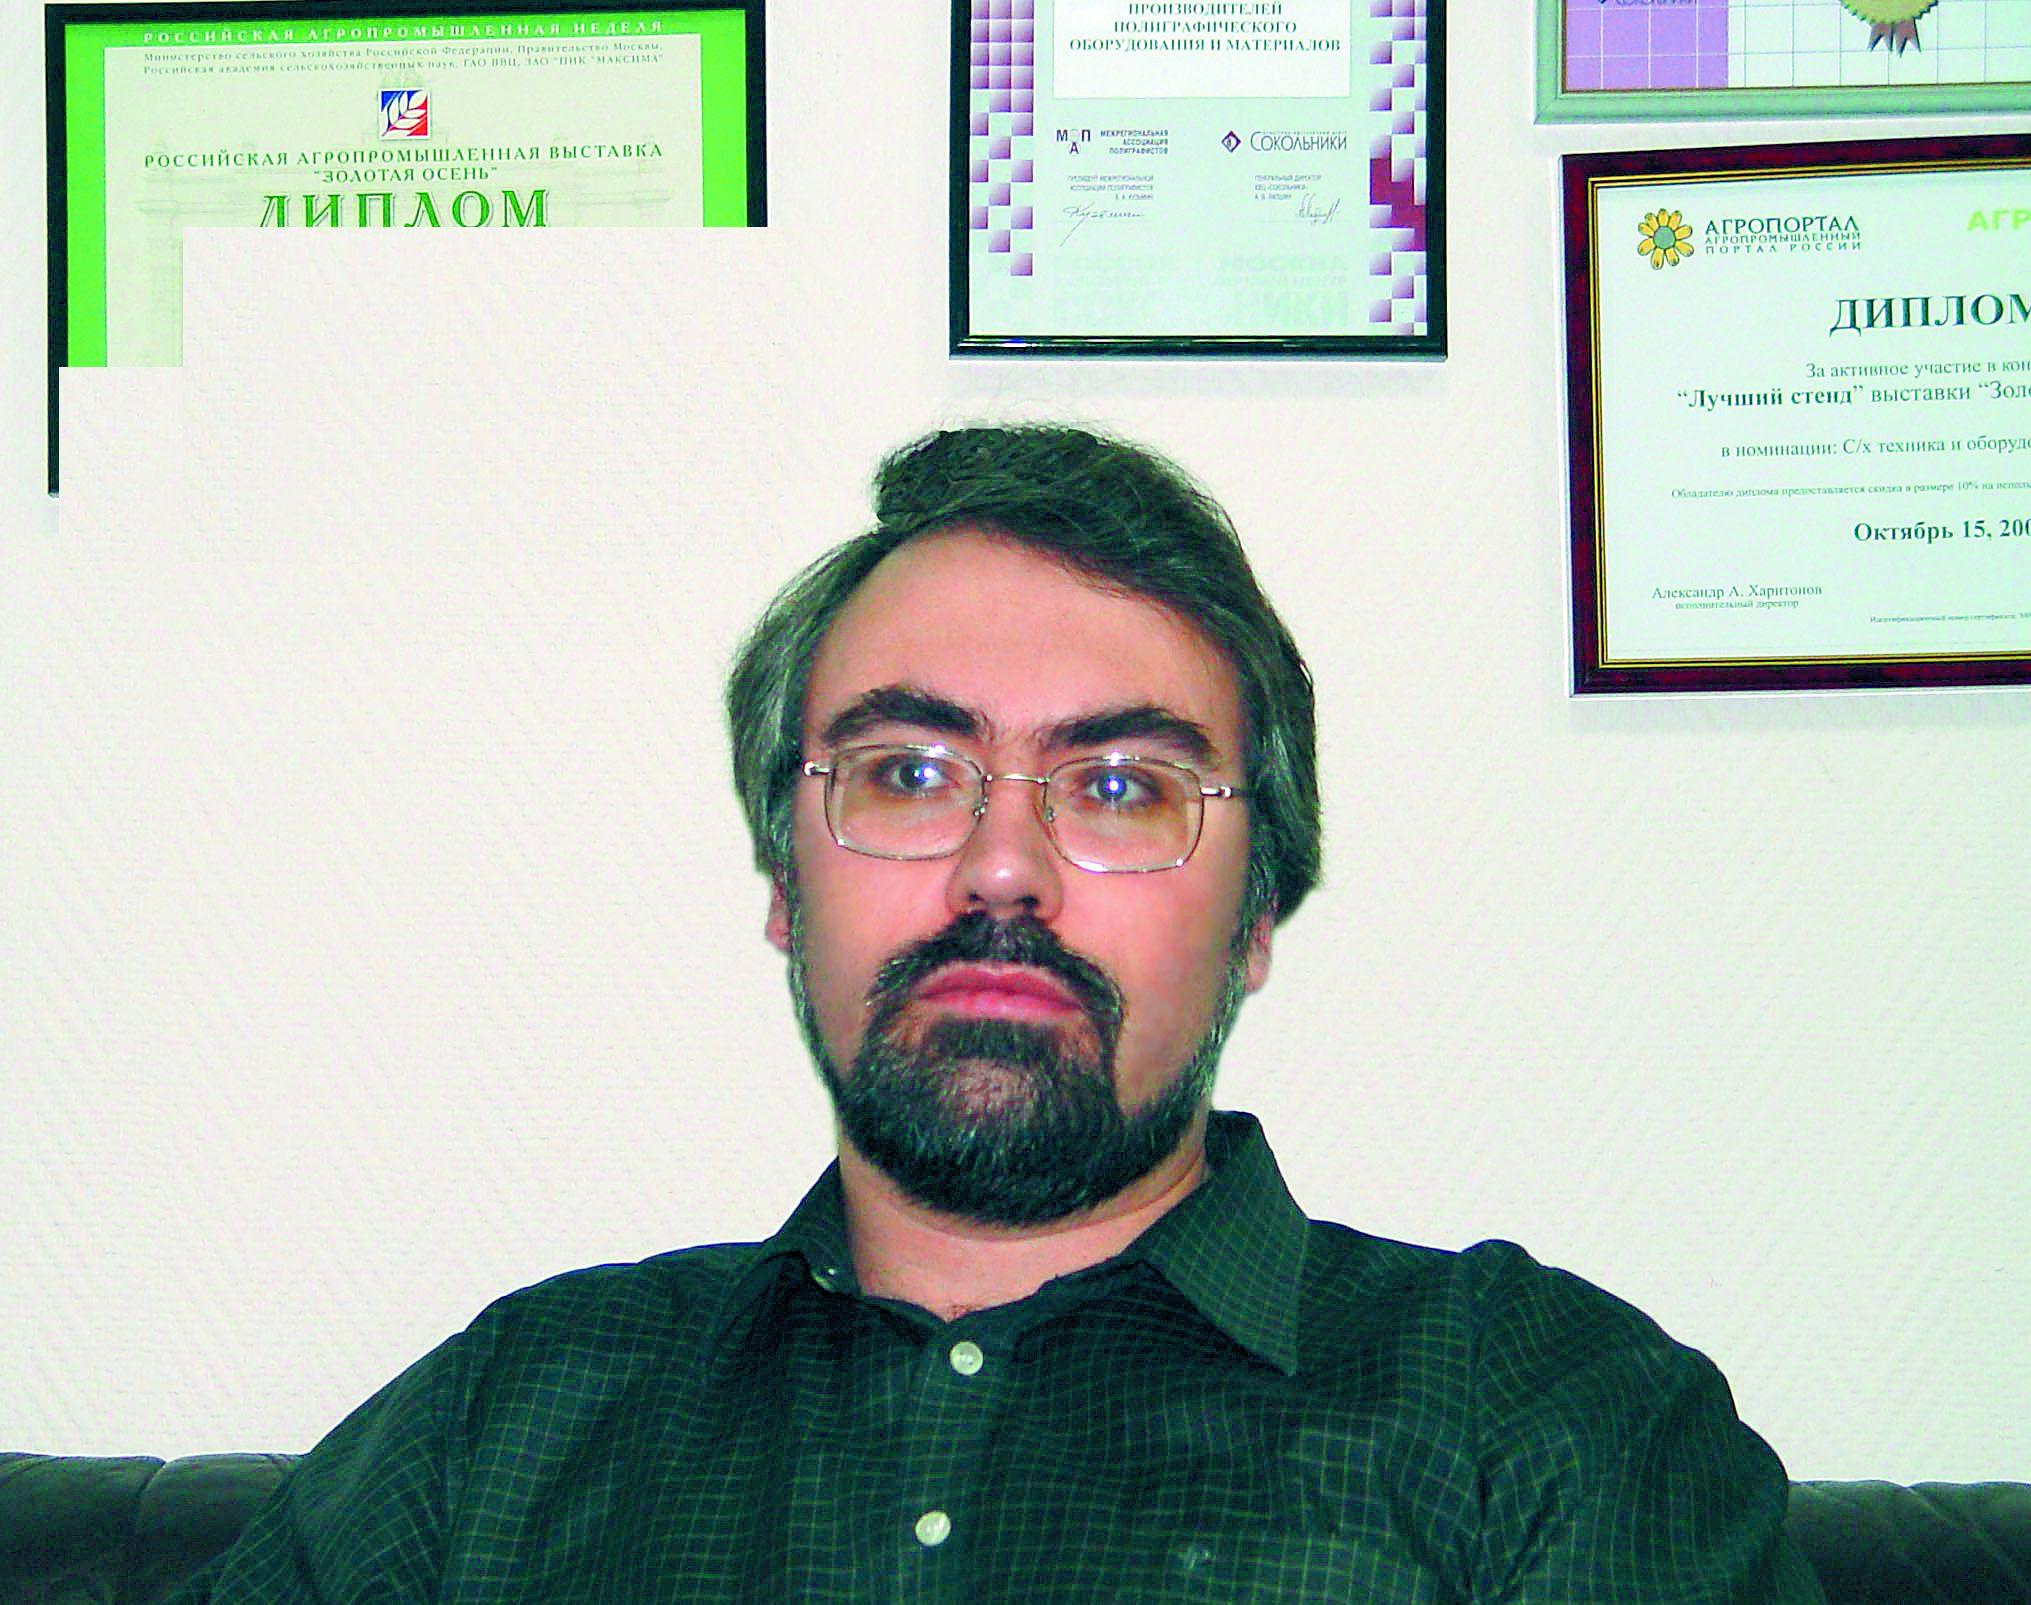 Михаил Залесковский